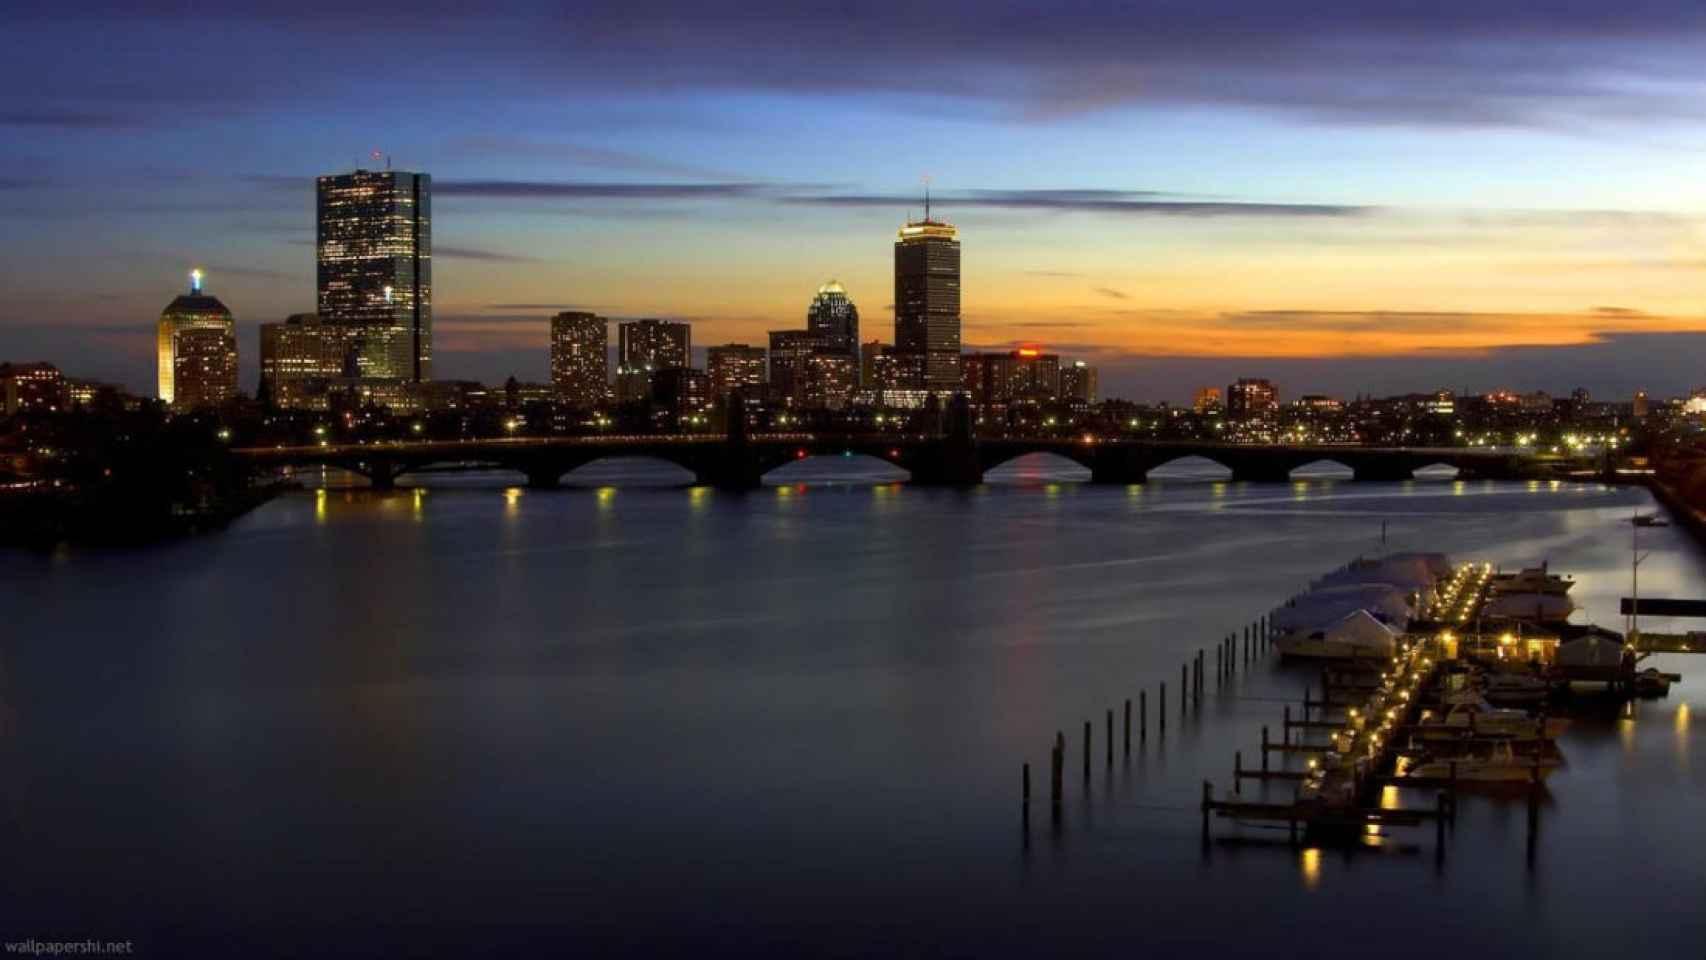 El skyline de Boston, una de las grandes ciudades de EEUU.